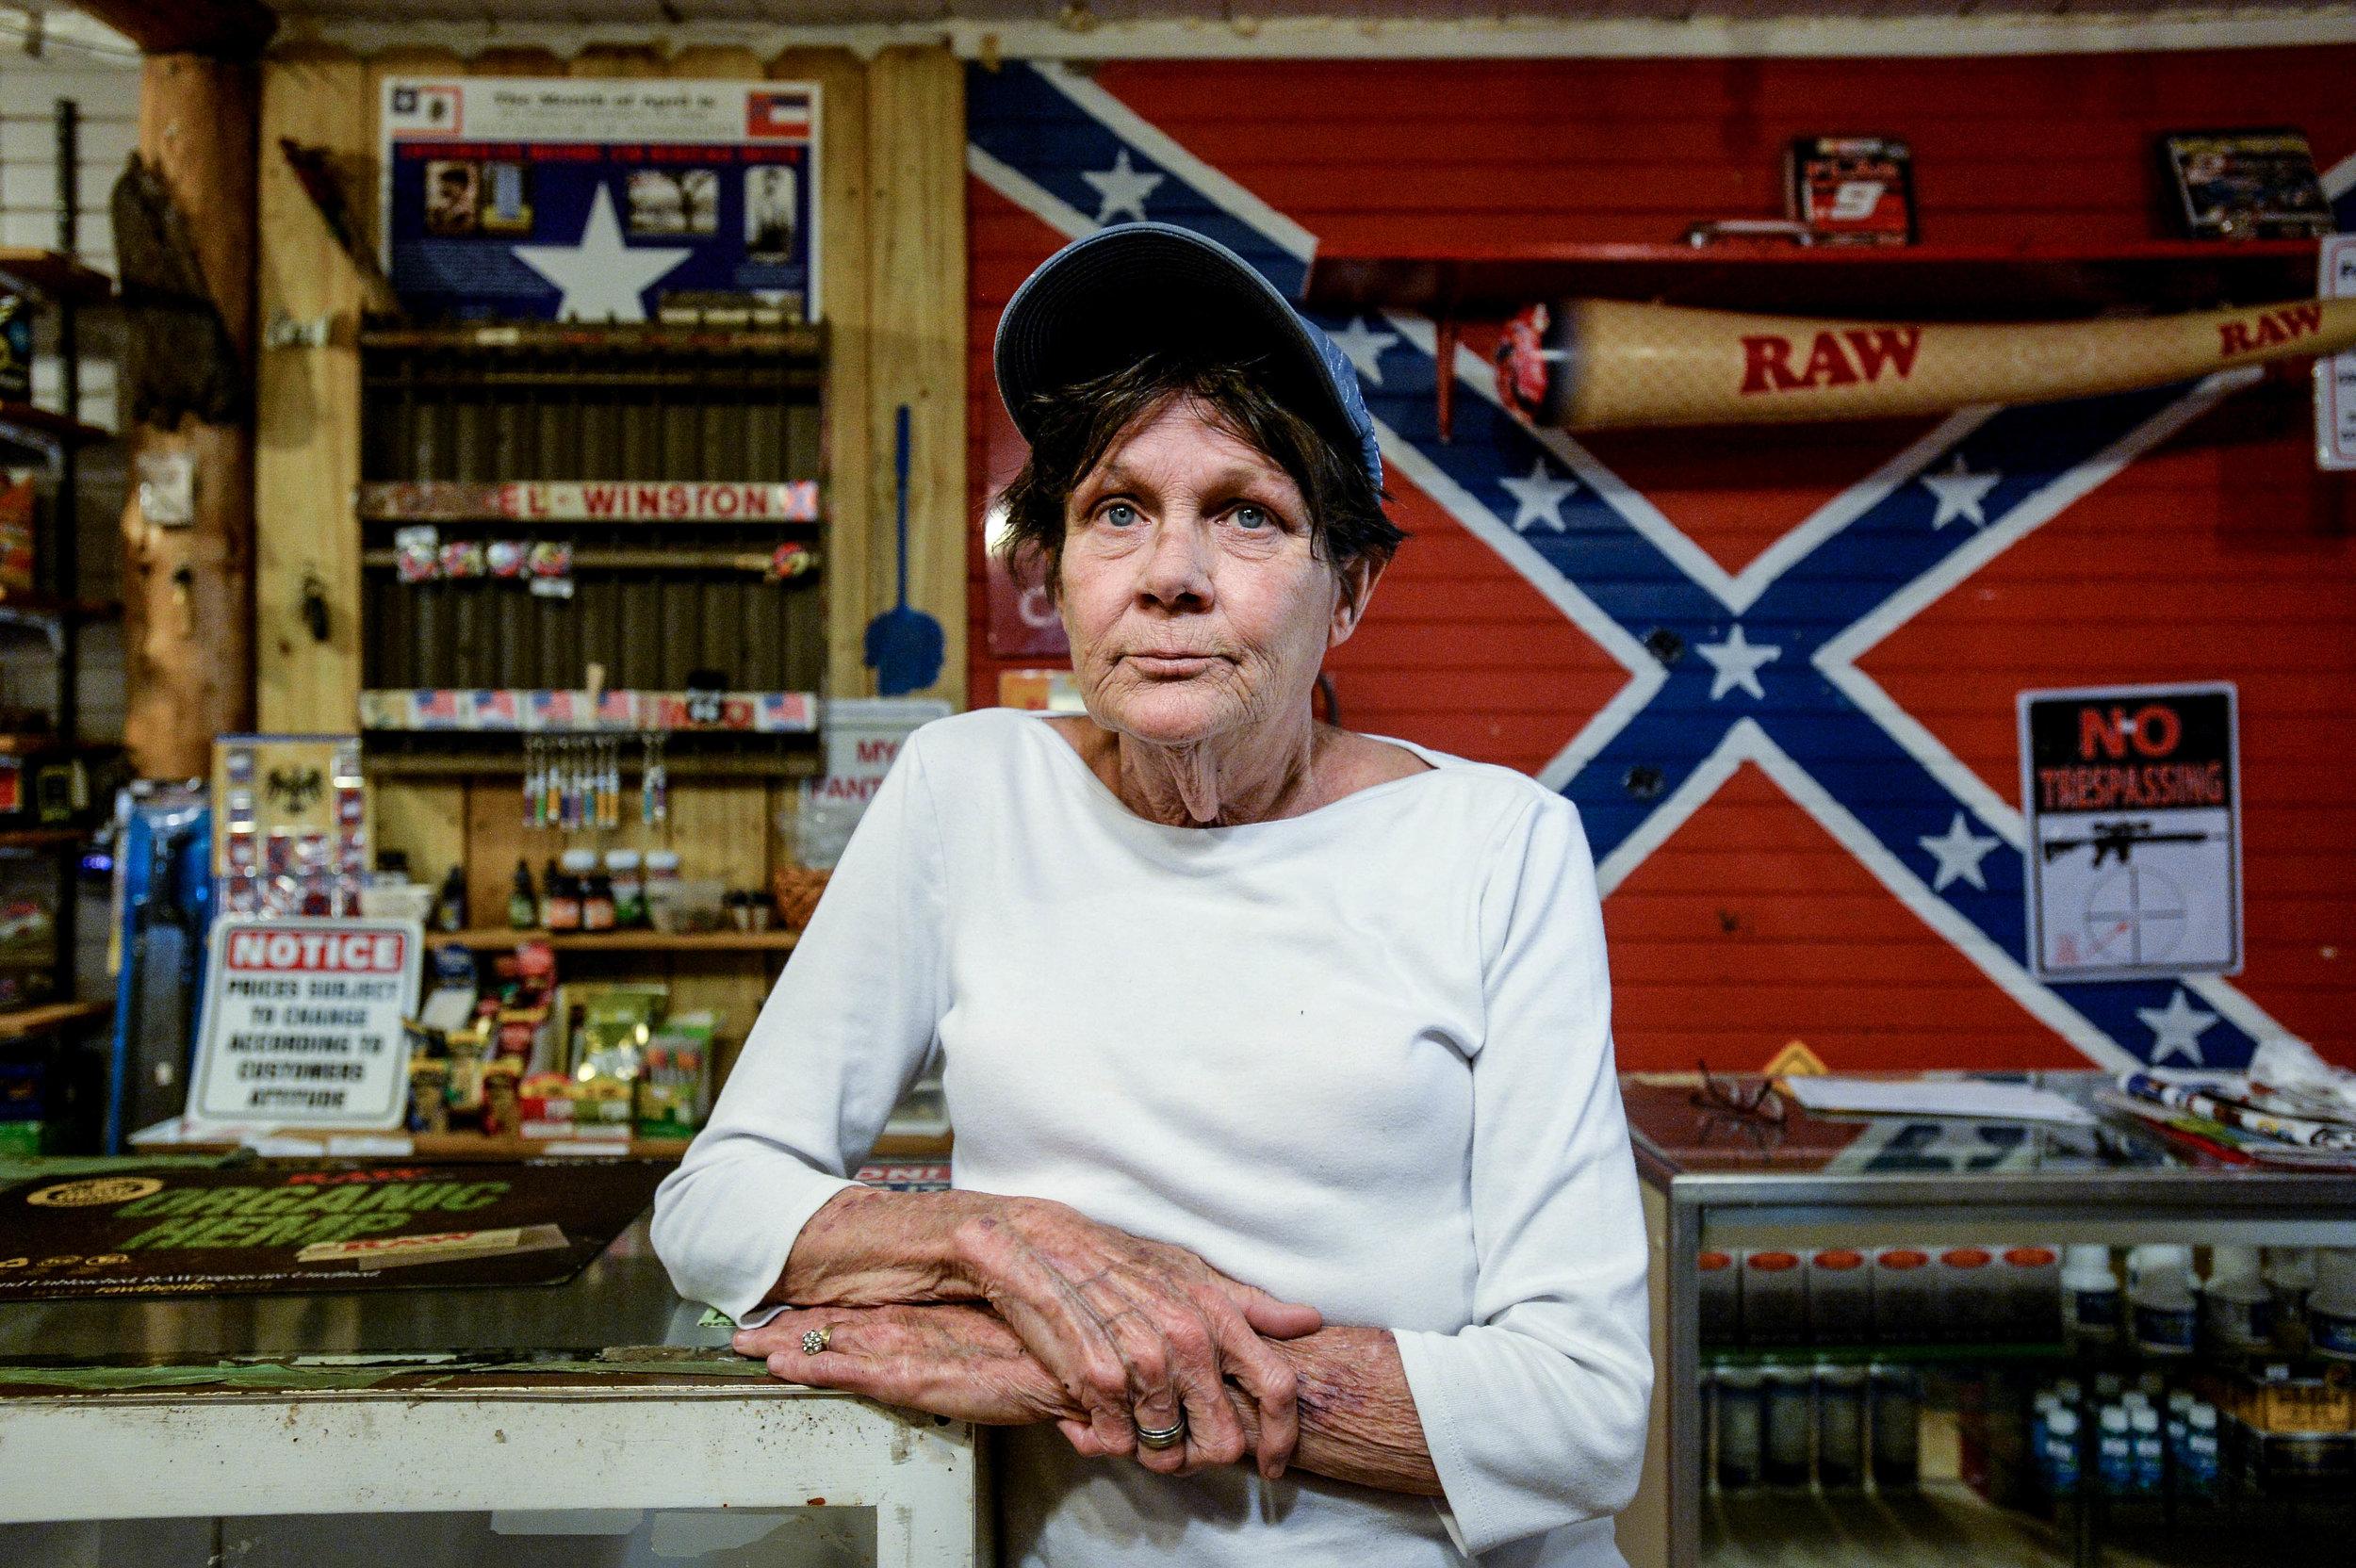 ConfederateFlag_2325.jpg